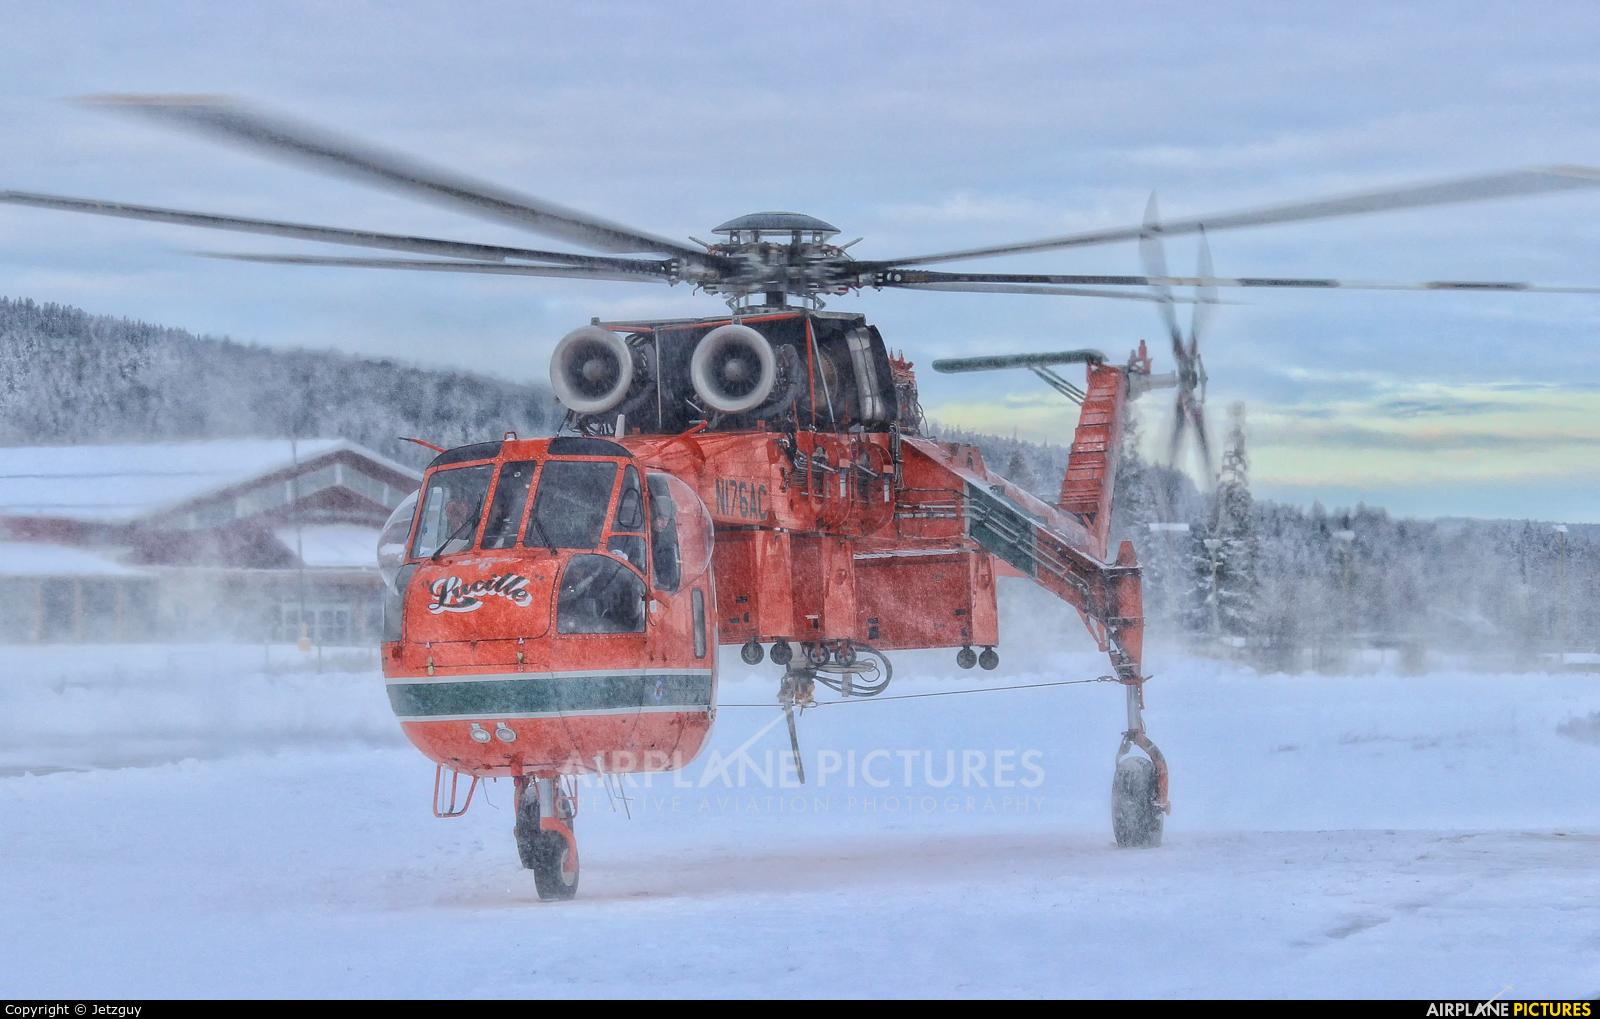 Erickson Air-Crane N176AC aircraft at 100 Mile House, BC